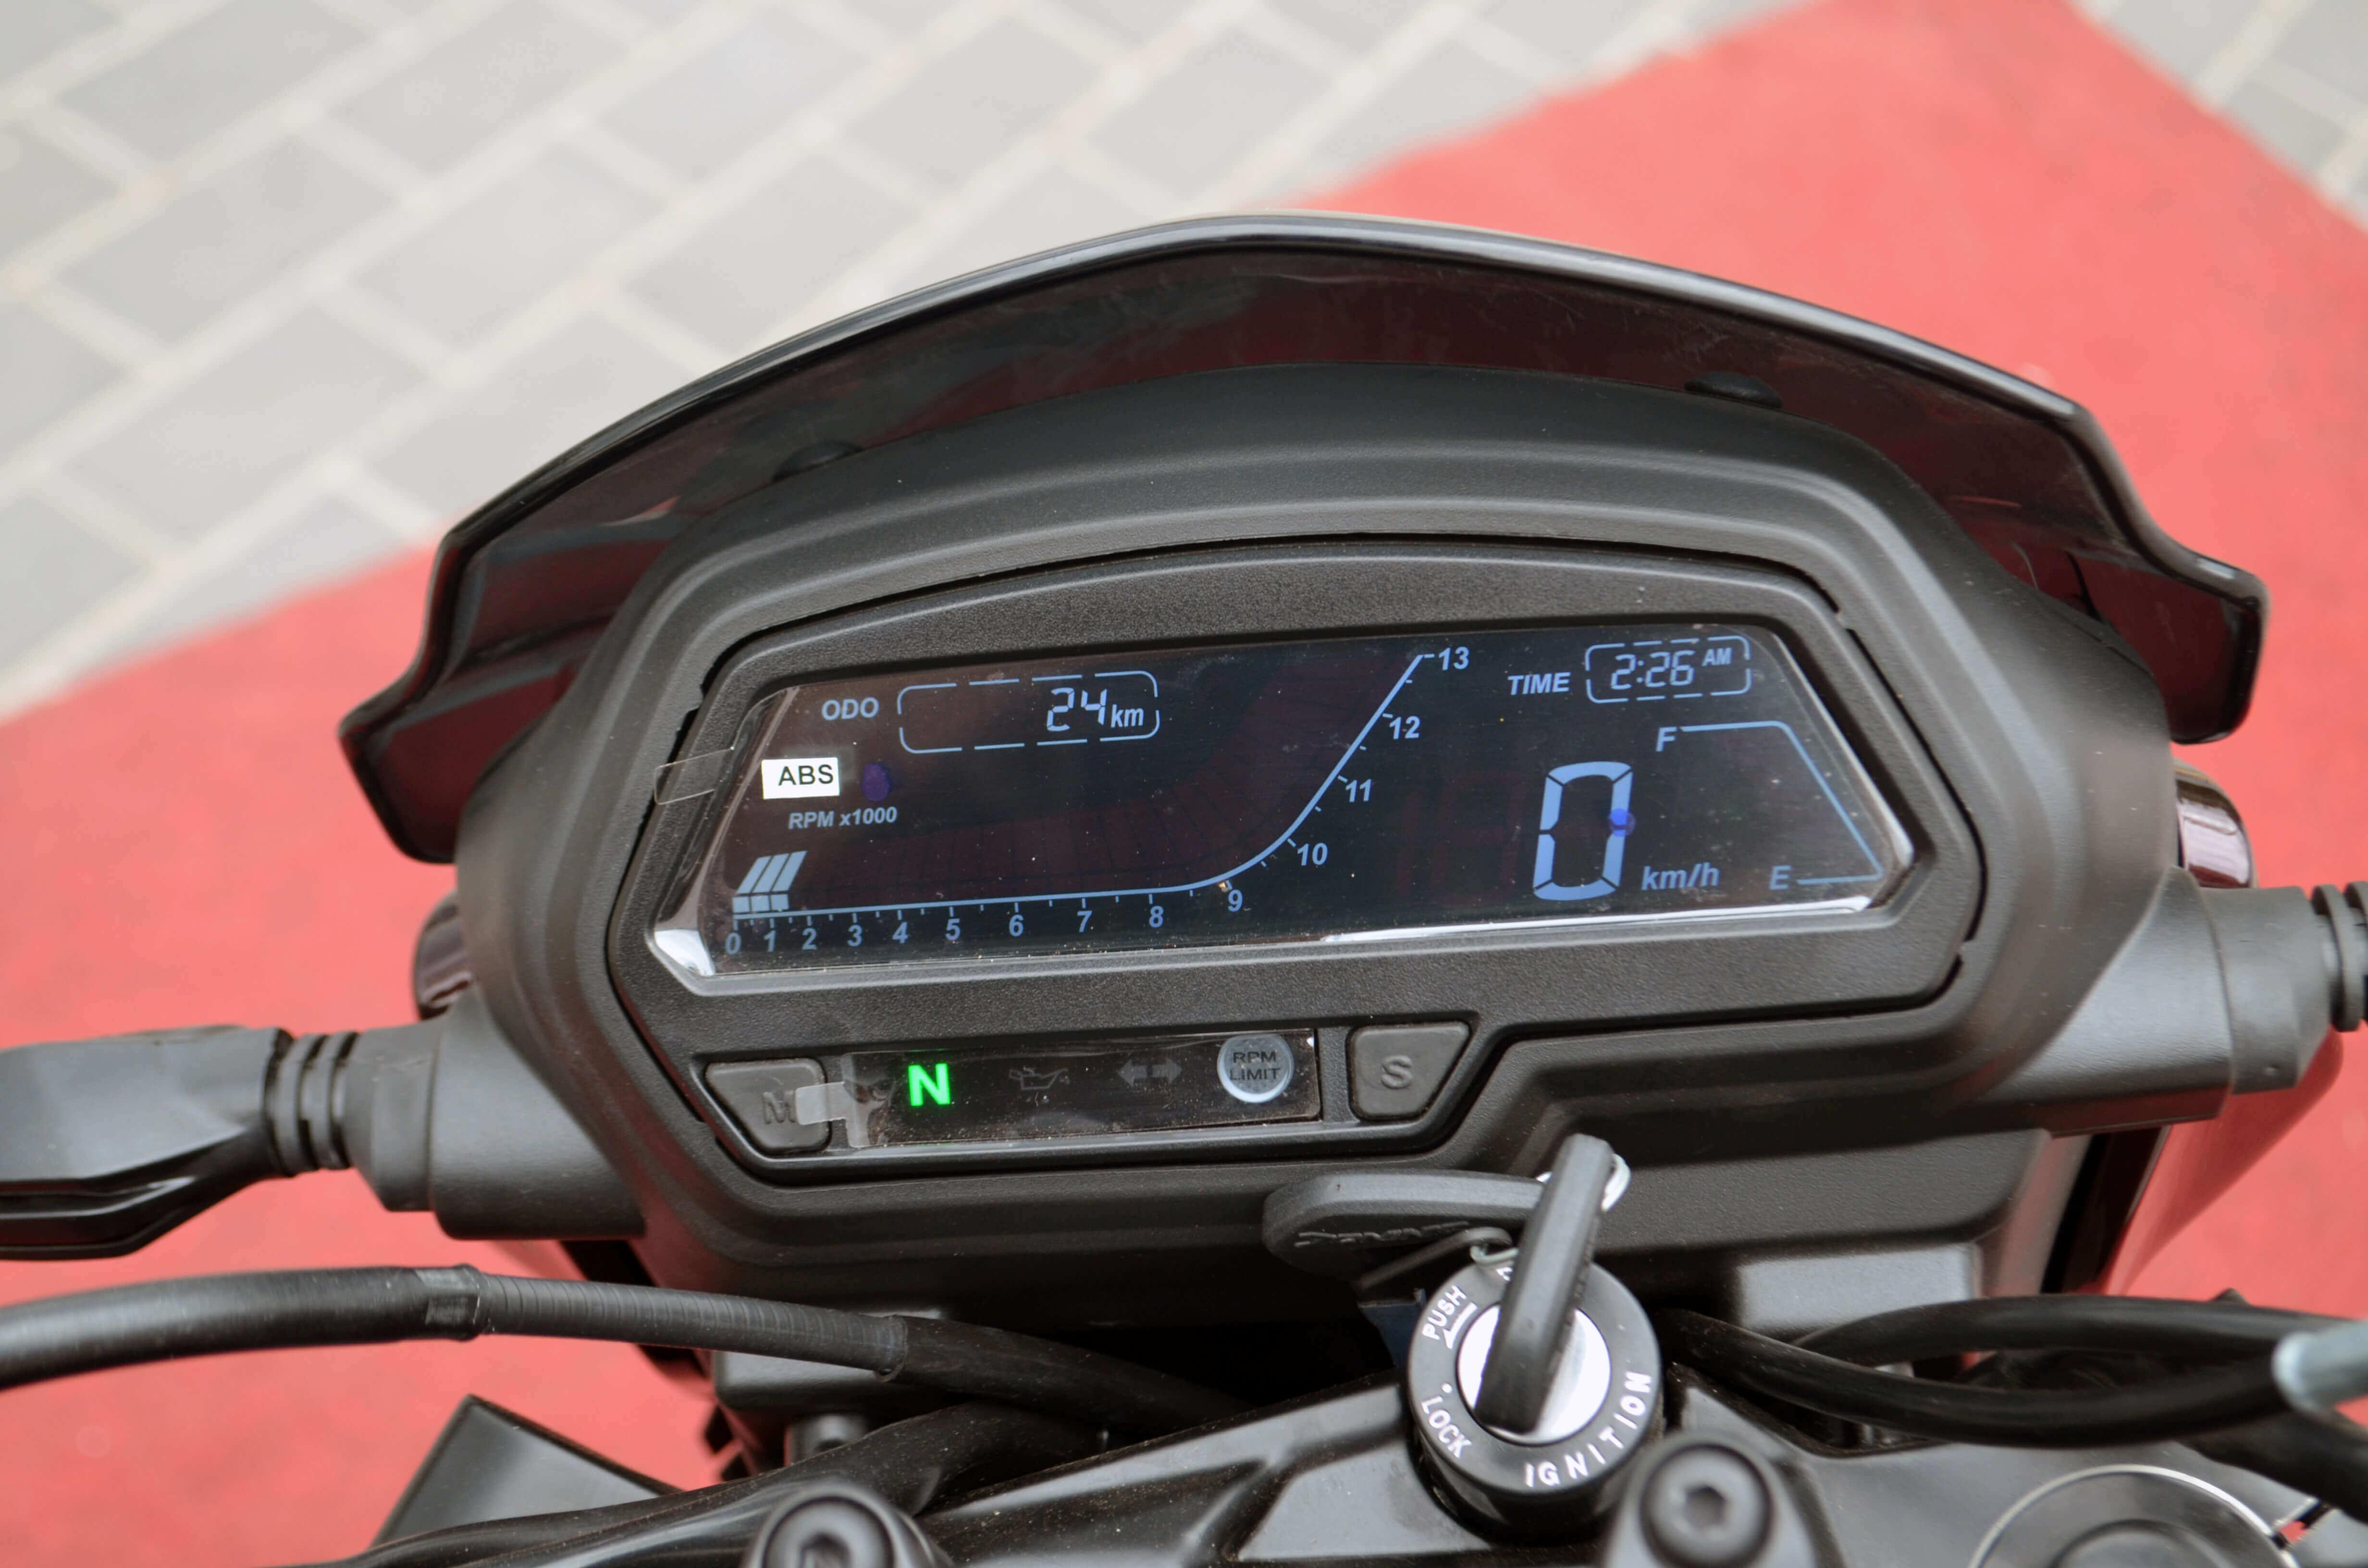 МОТОЦИКЛ BAJAJ DOMINAR 400  Артмото - купить квадроцикл в украине и харькове, мотоцикл, снегоход, скутер, мопед, электромобиль